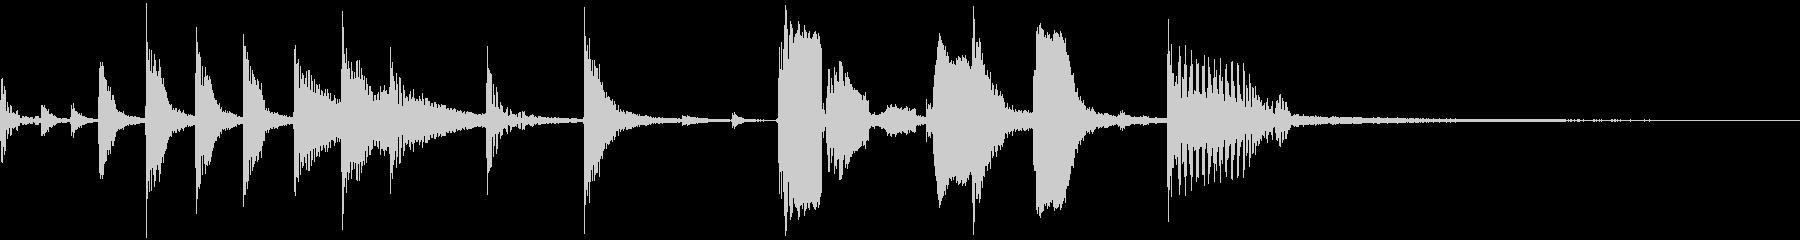 ドラムとトランペットのシンプルジングルの未再生の波形